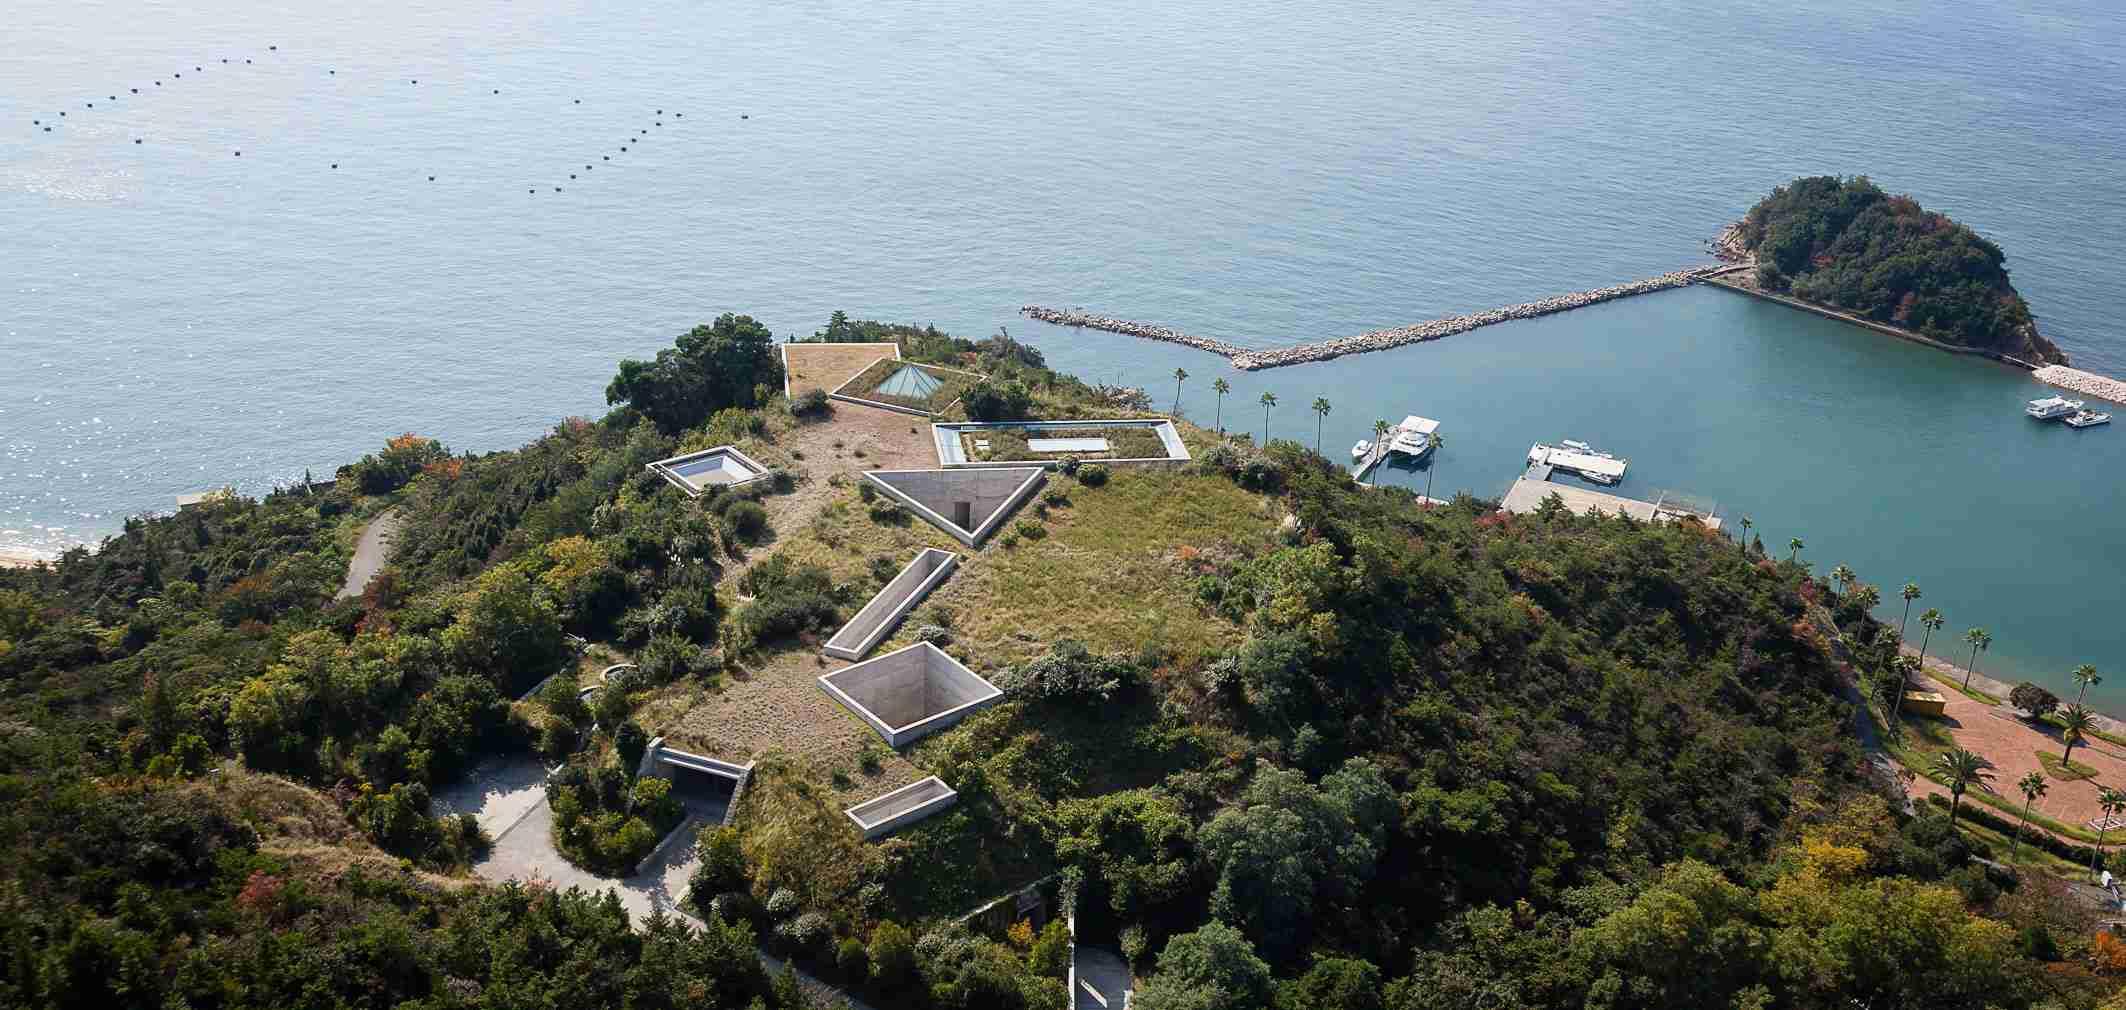 地中美術館   アート   ベネッセアートサイト直島